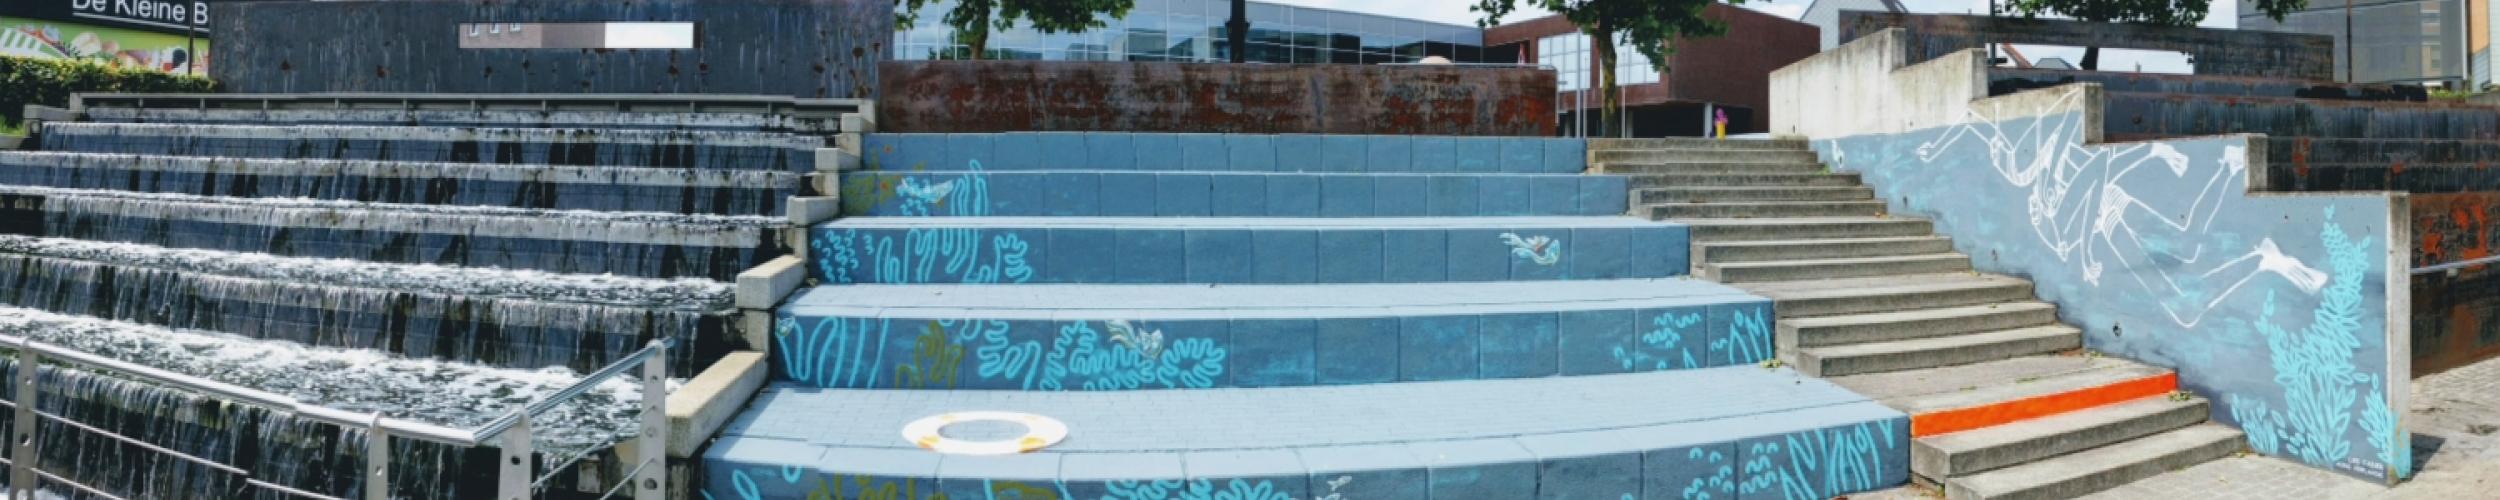 Kunstige trappen